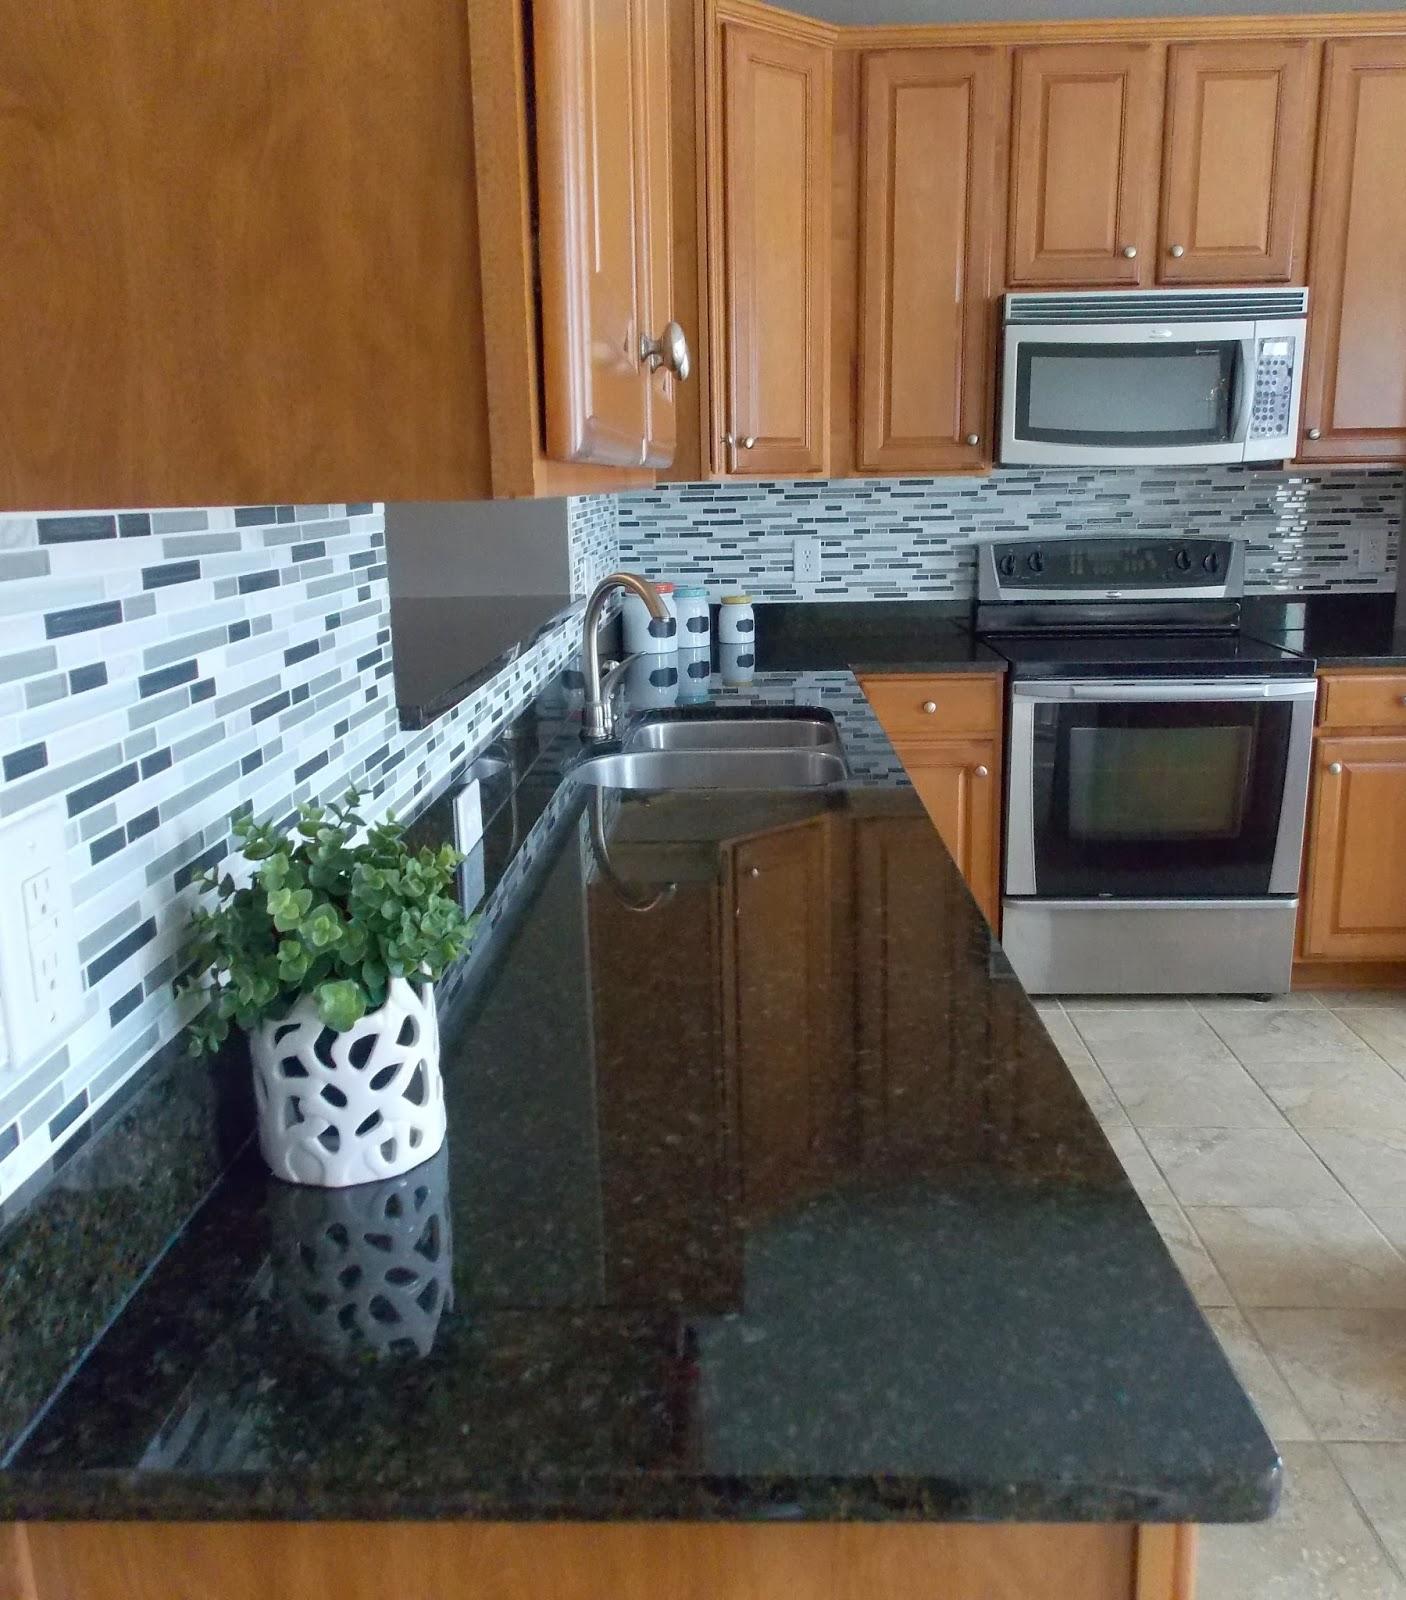 Install Kitchen Backsplash: {Jessica Stout Design}: Kitchen Backsplash Install: Day 2